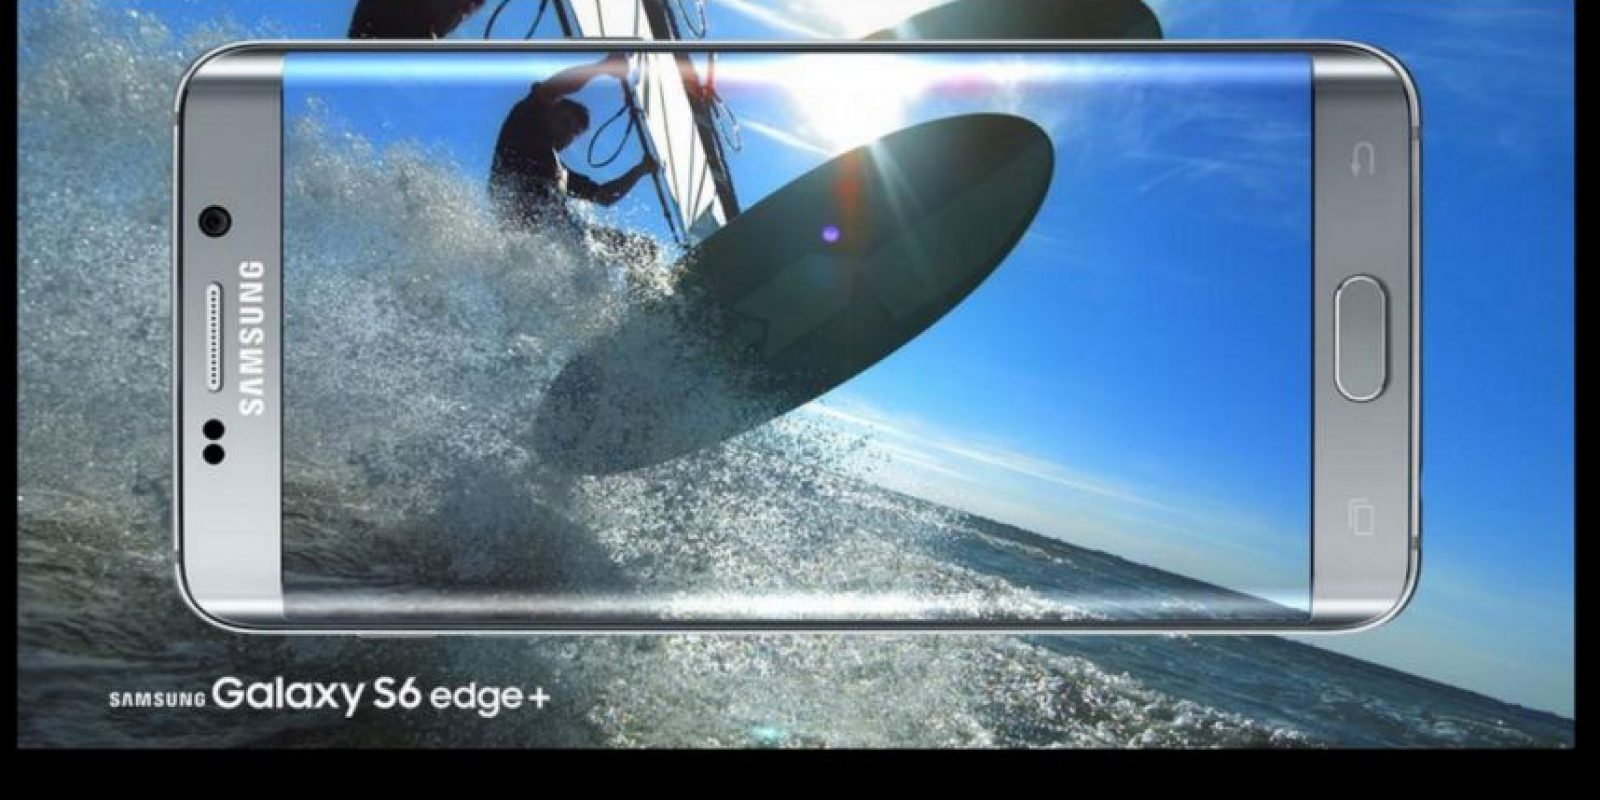 Mejoras en display, pantalla HD de 5.67 pulgadas Foto:Samsung